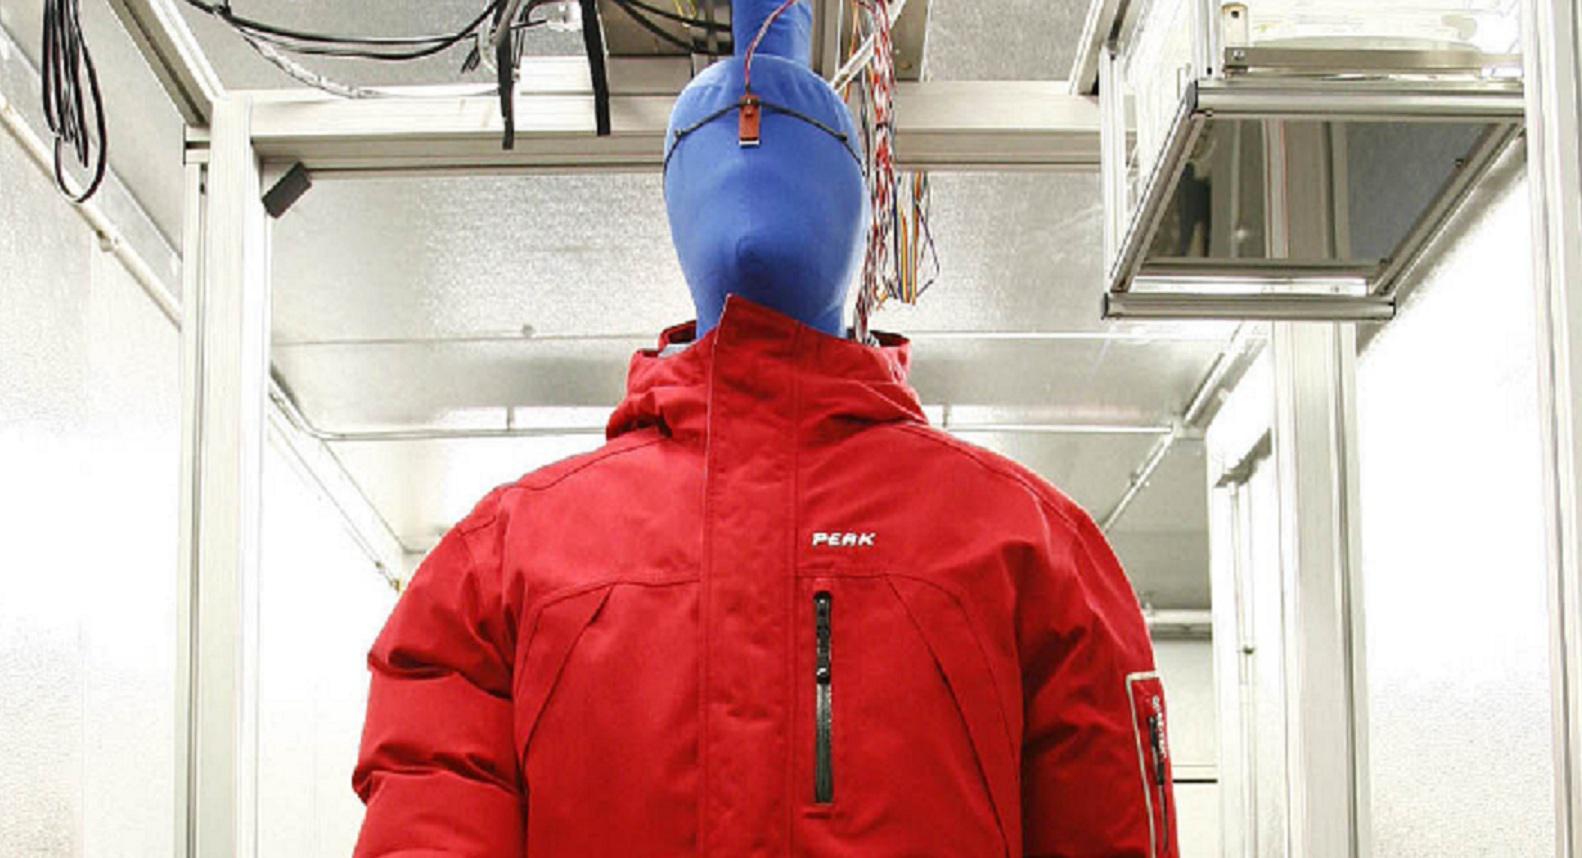 2d37aaedc9e7 Diseñan ropa inteligente que se adapta a la piel para mantener la  temperatura ideal